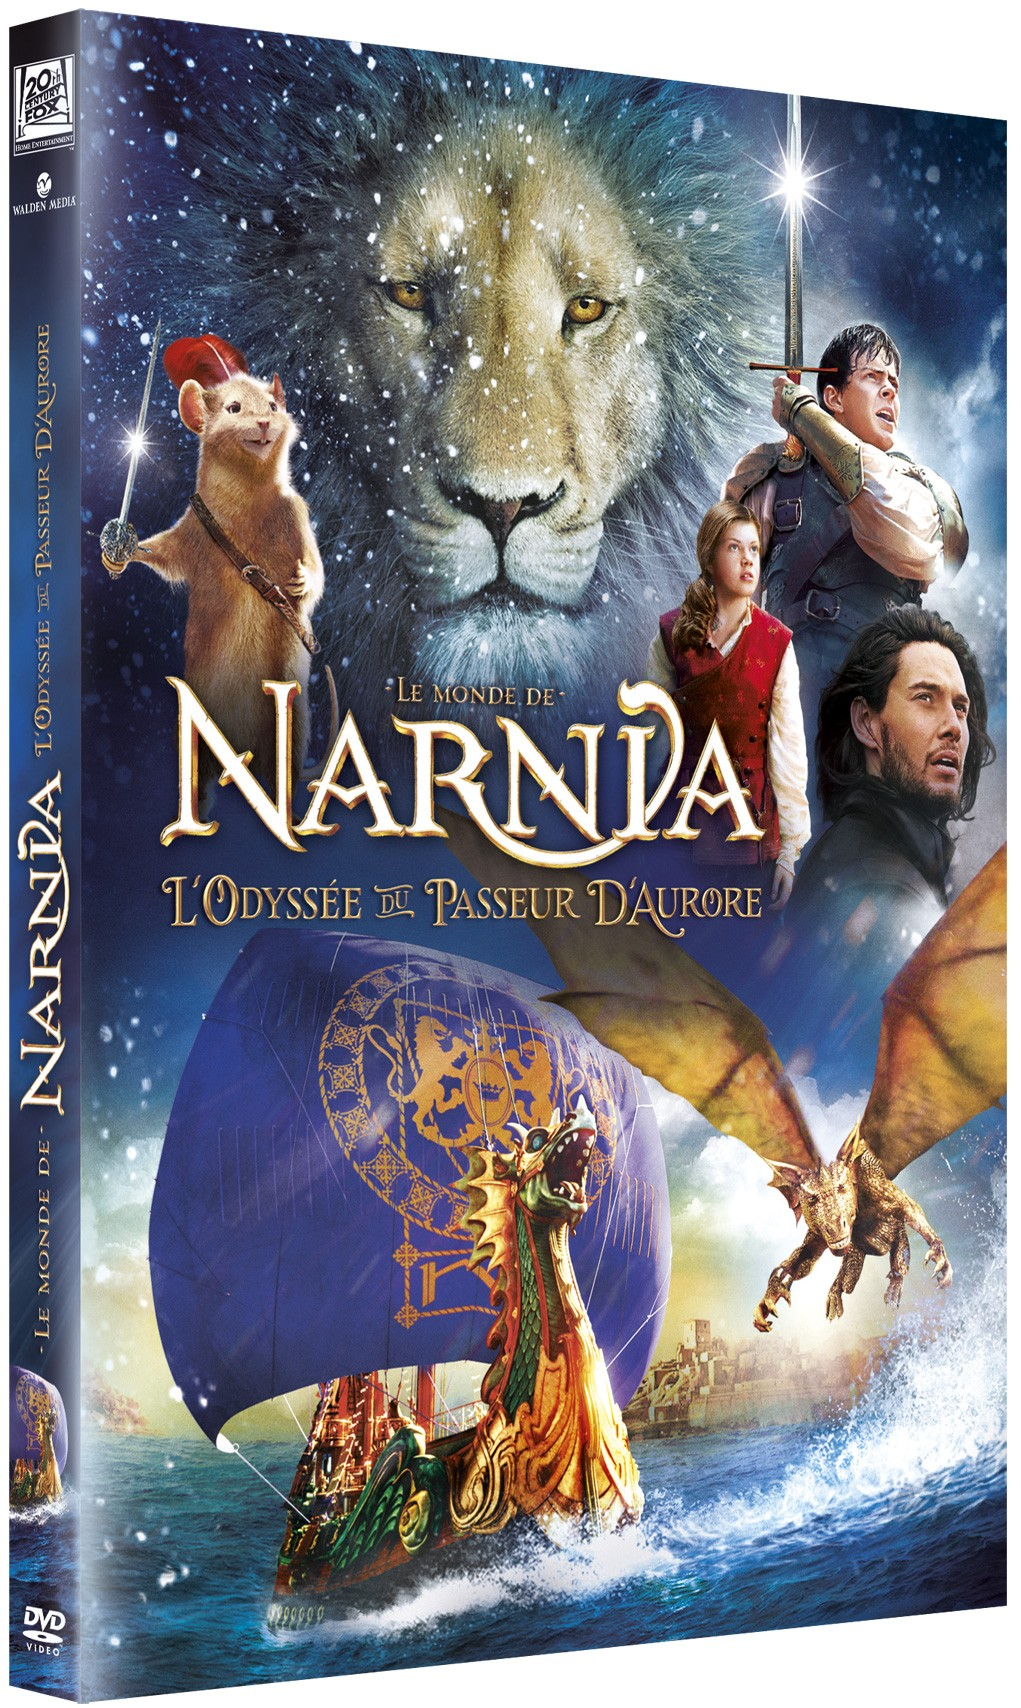 Le Monde de Narnia : Chapitre 3 - L'Odyssée du Passeur d